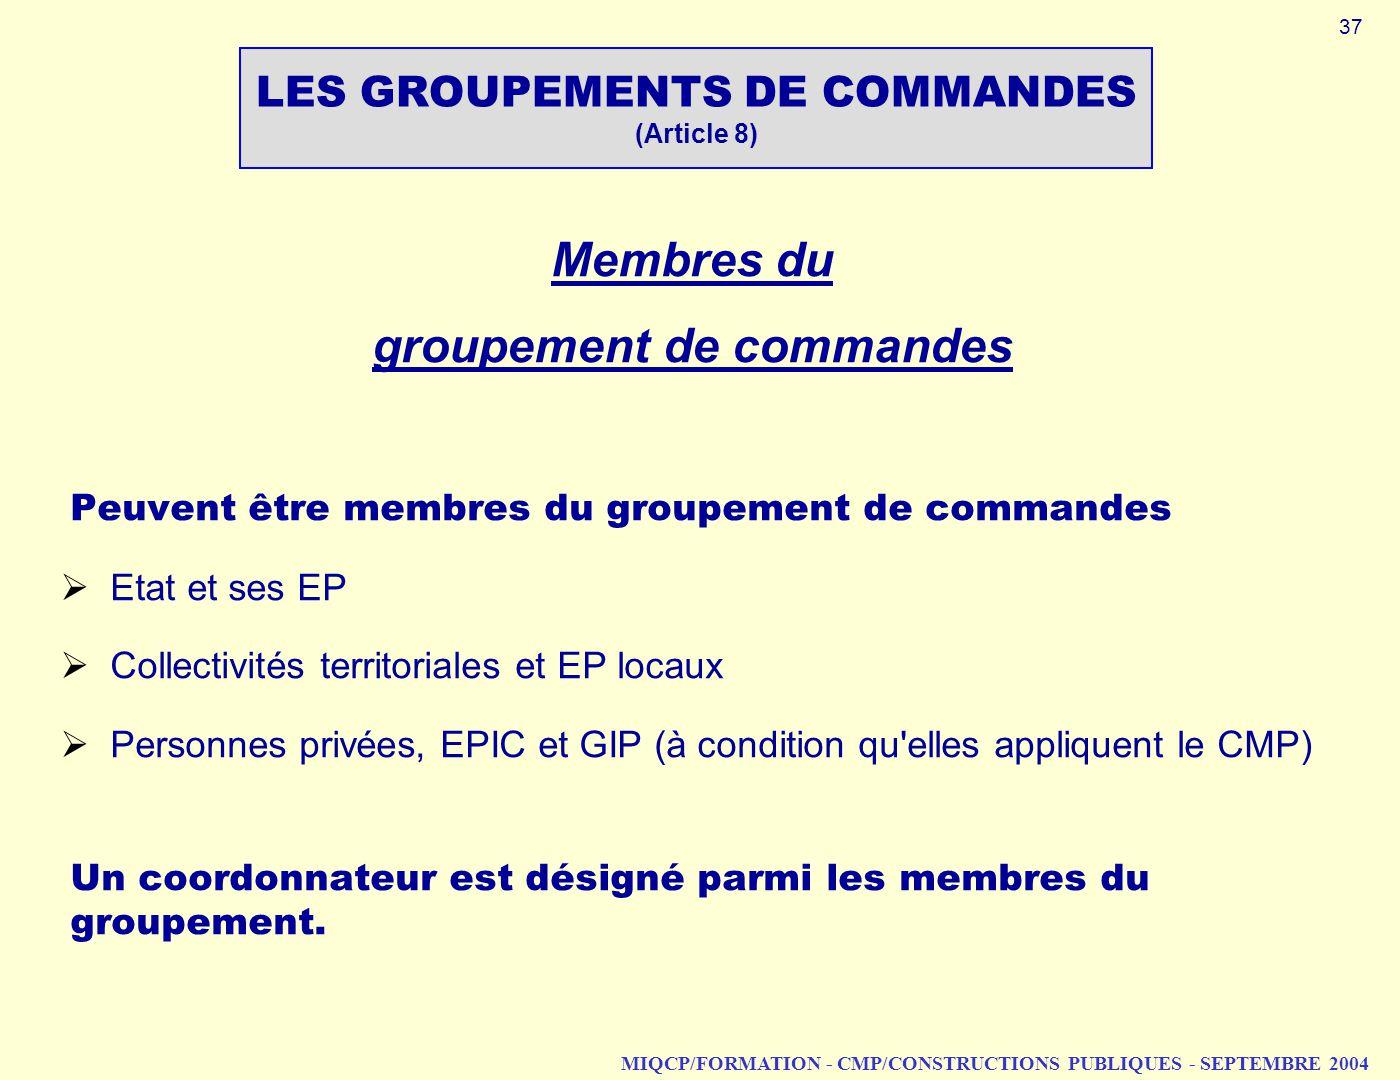 MIQCP/FORMATION - CMP/CONSTRUCTIONS PUBLIQUES - SEPTEMBRE 2004 Membres du groupement de commandes Peuvent être membres du groupement de commandes Etat